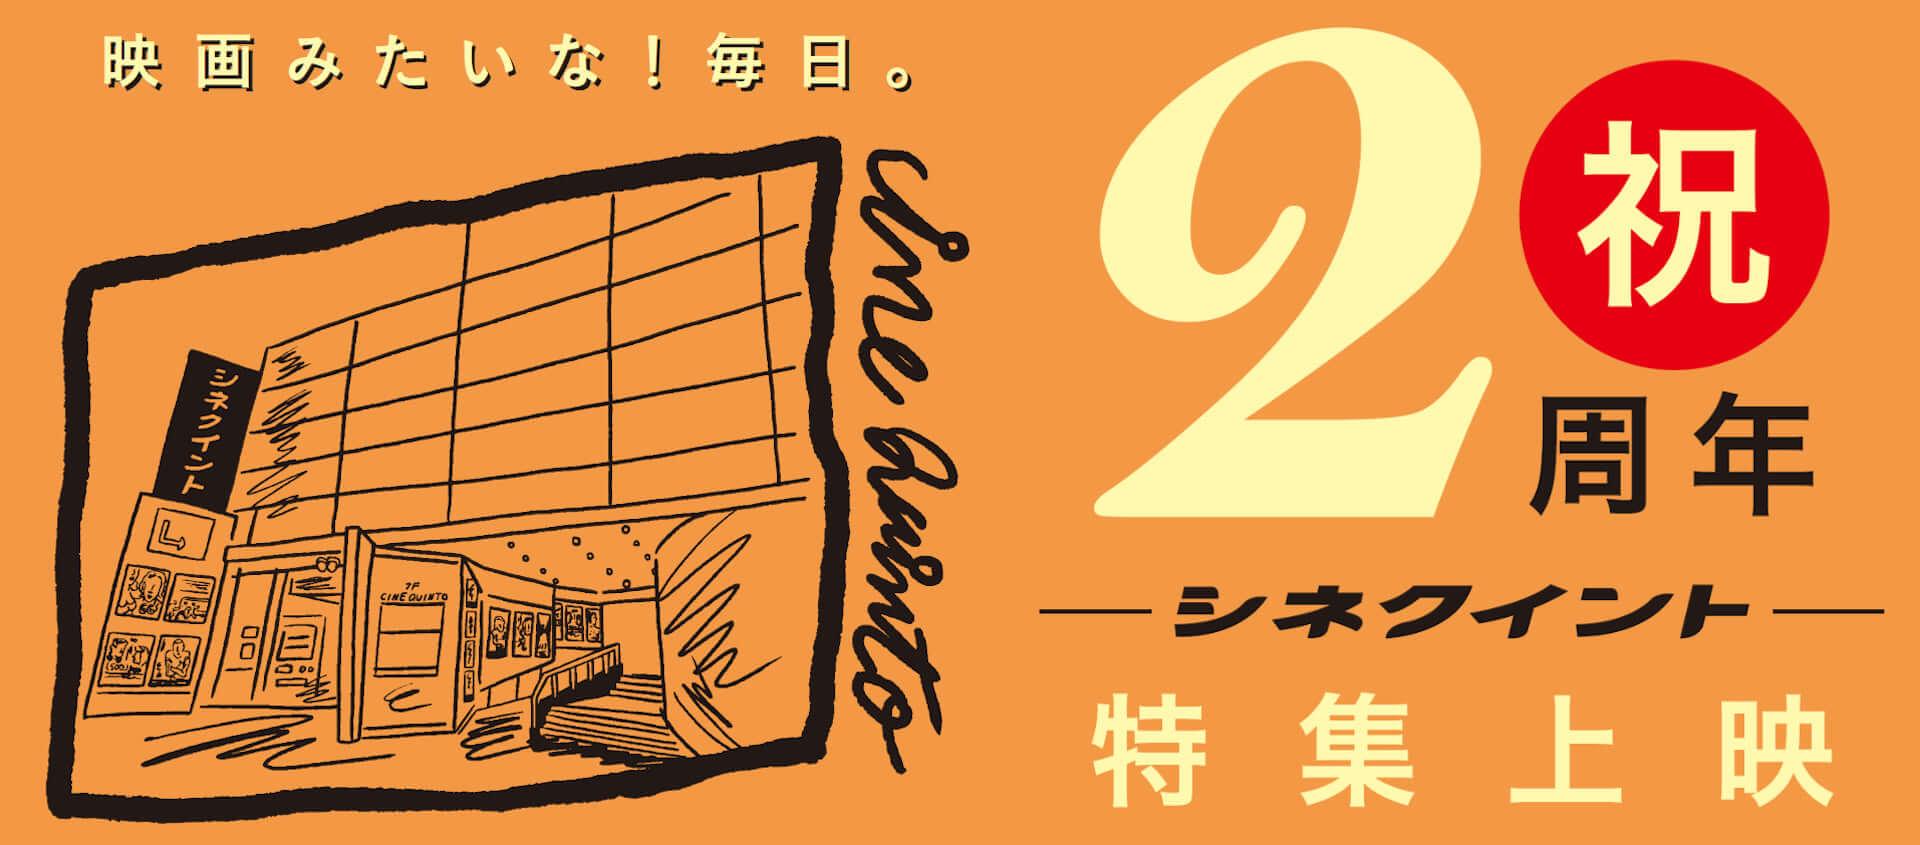 渋谷のミニシアター・シネクイント復活2周年記念!A24作品『ヘレディタリー/継承』『ムーンライト』など14タイトルが特集上映決定 film200730_a24selection_4-1920x845